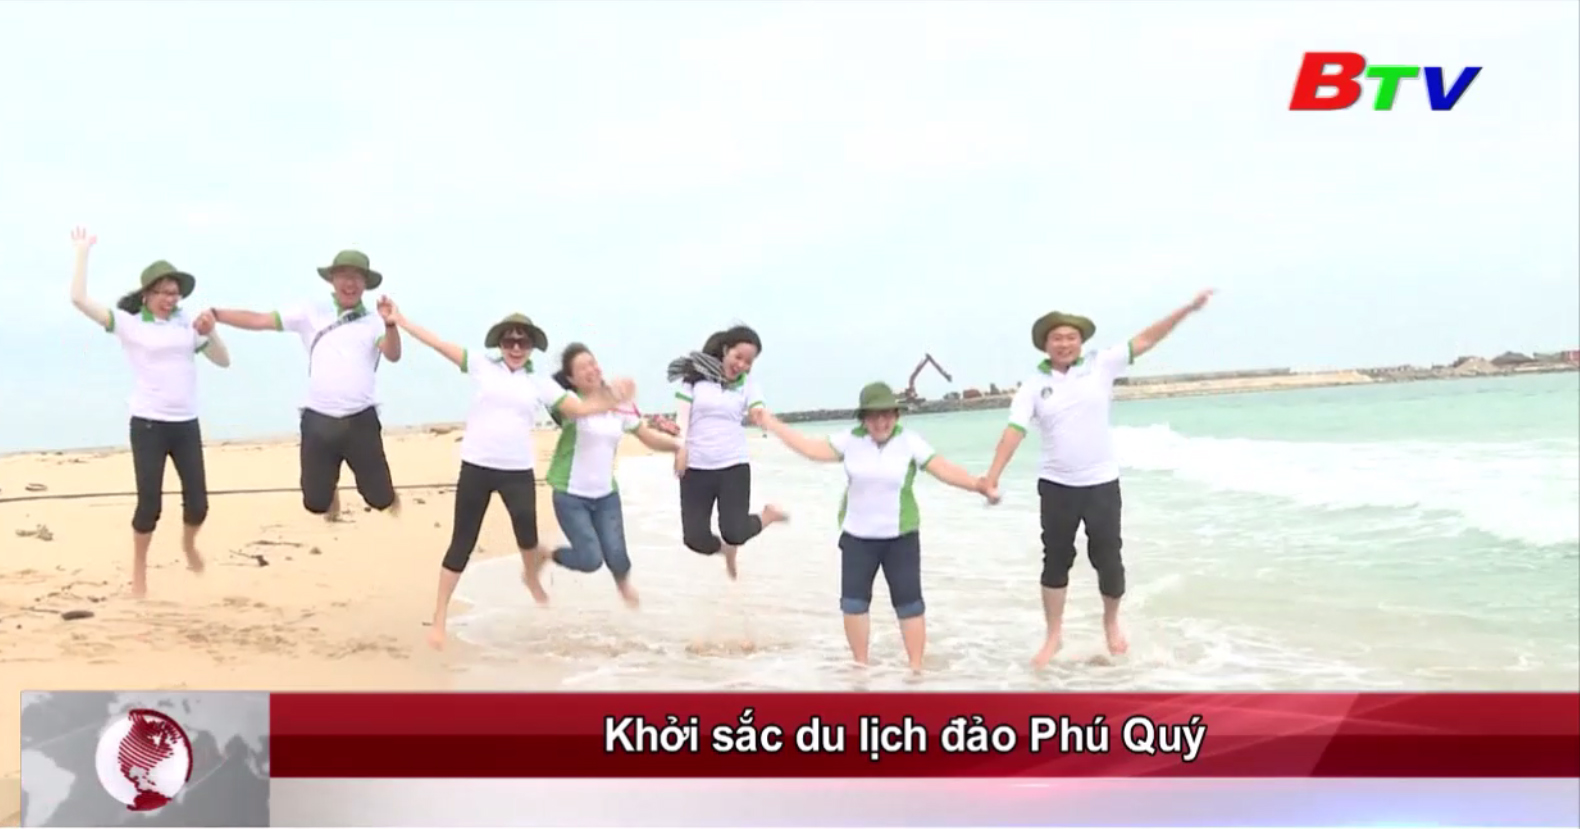 Khởi sắc du lịch đảo Phú Quý